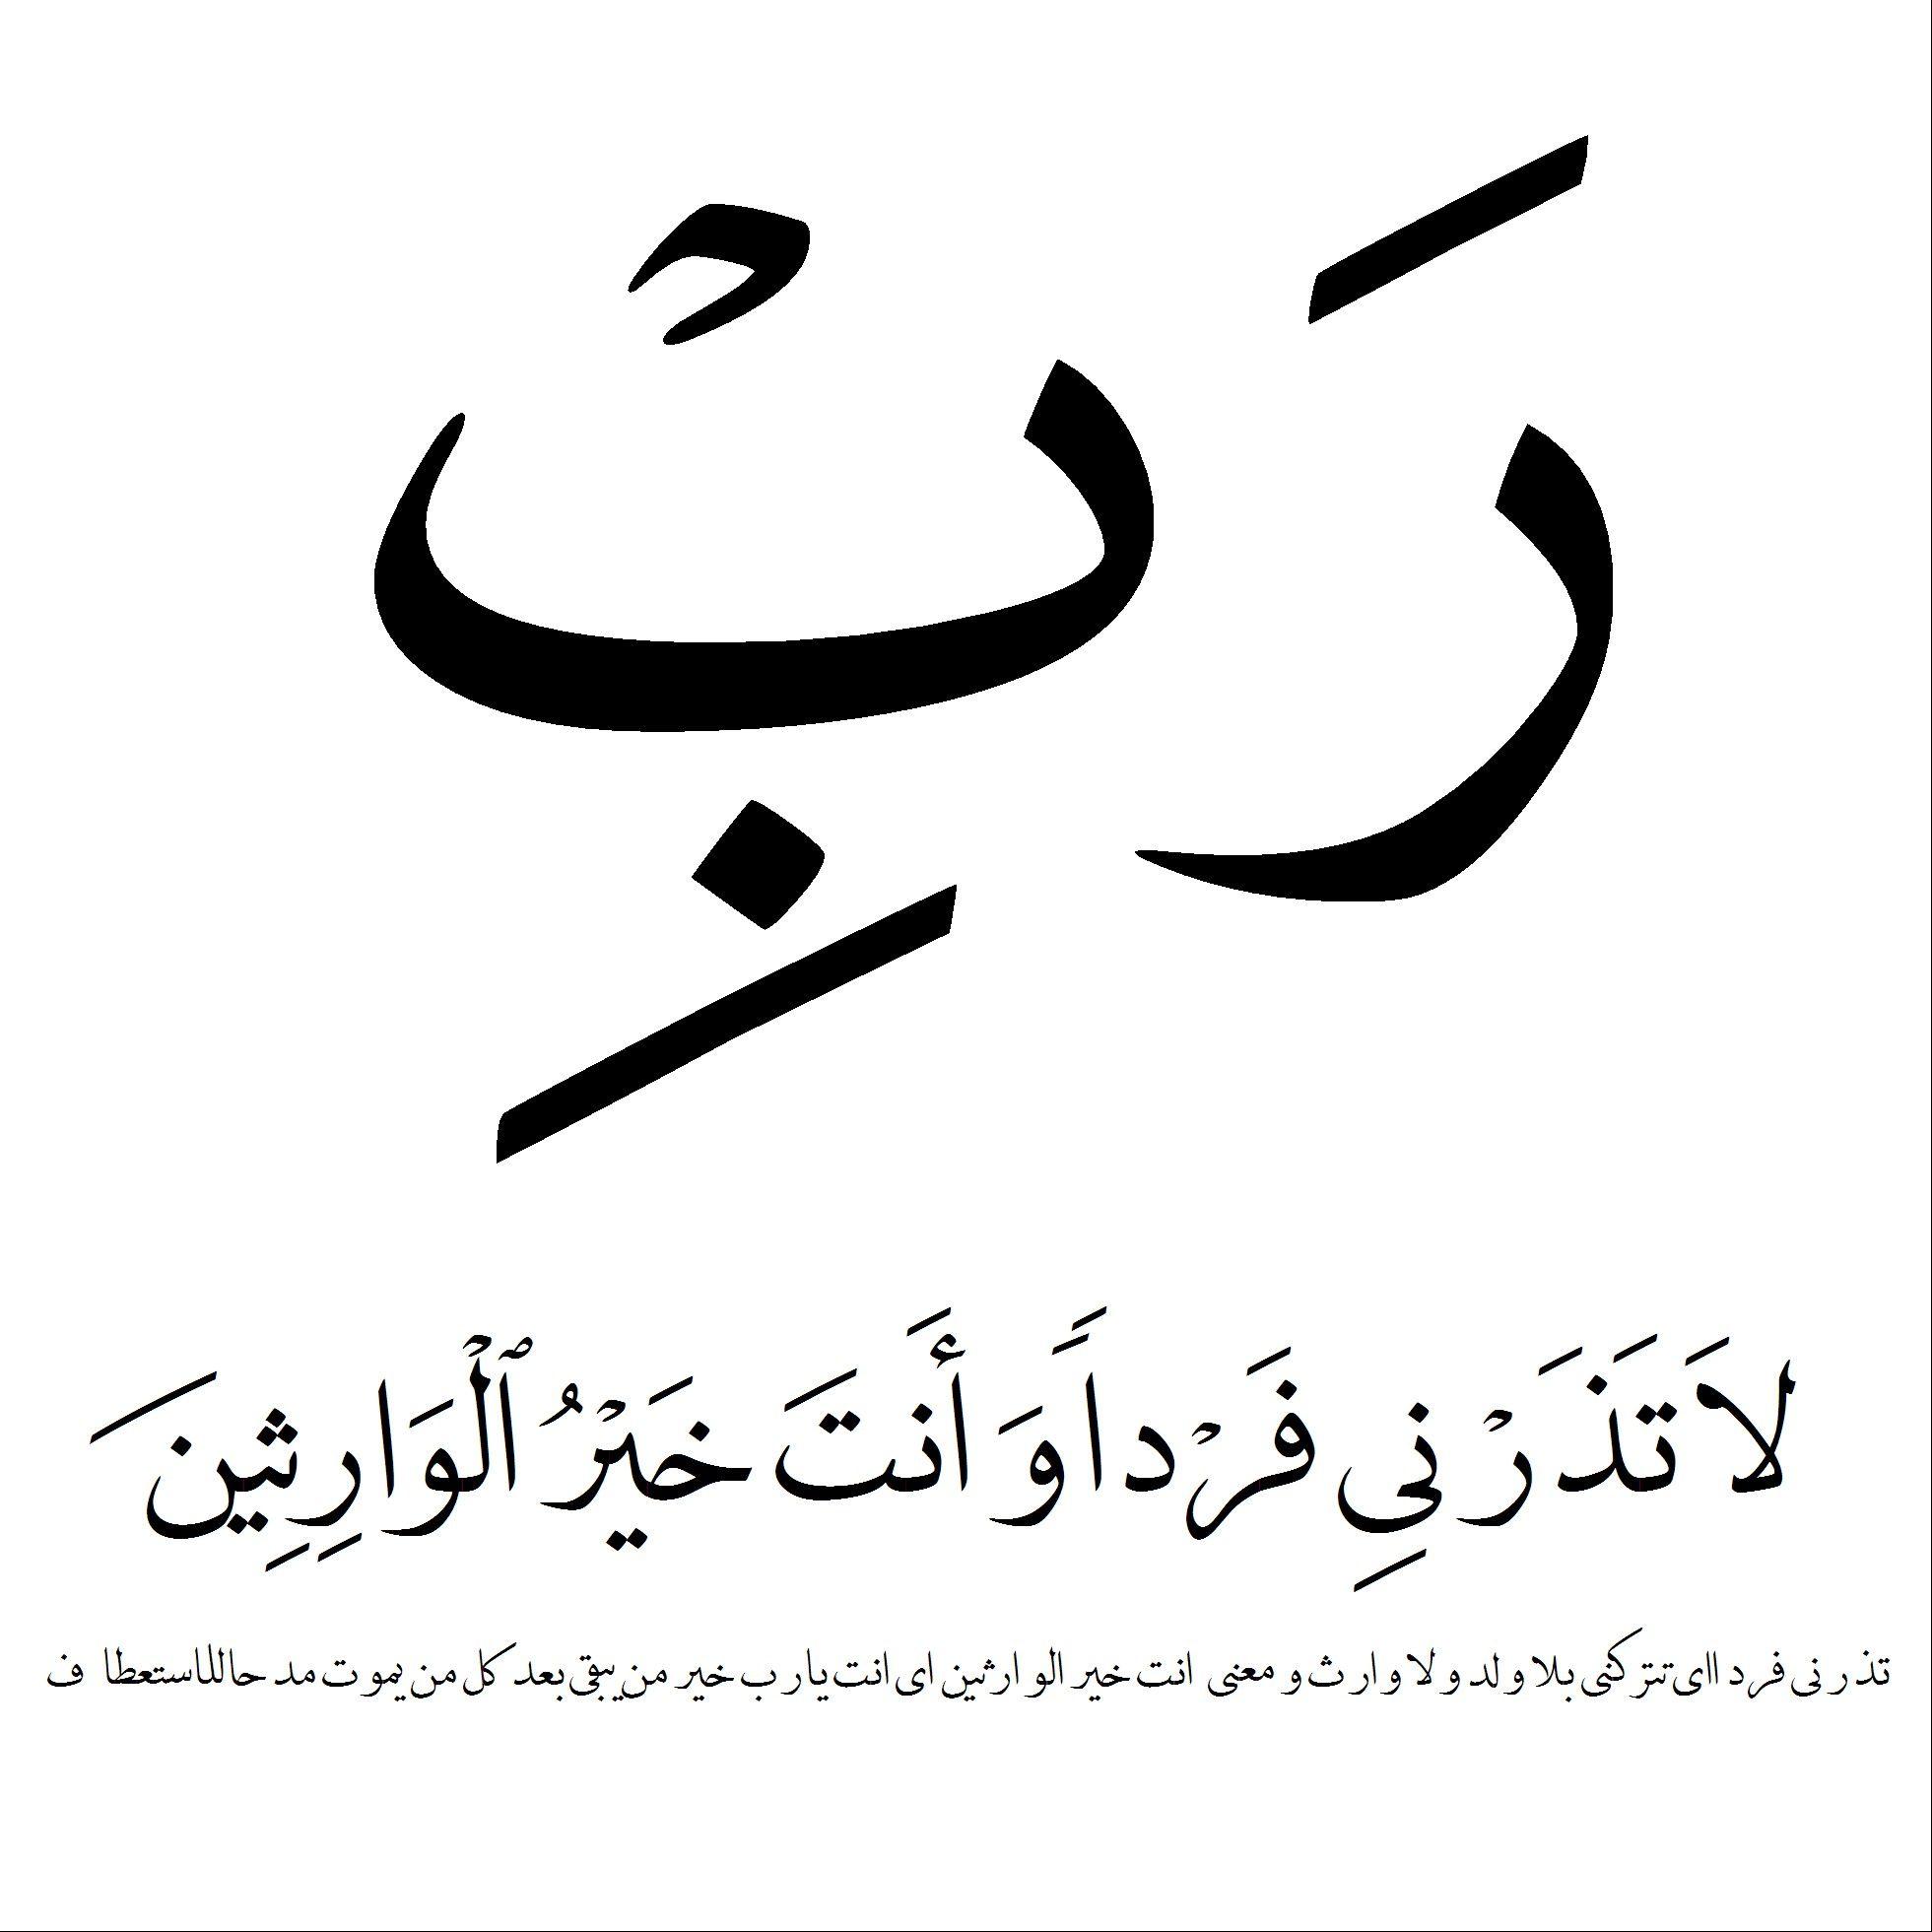 رب لا تذرنى فردا و انت خير الوارثين Islam A Way Of Life